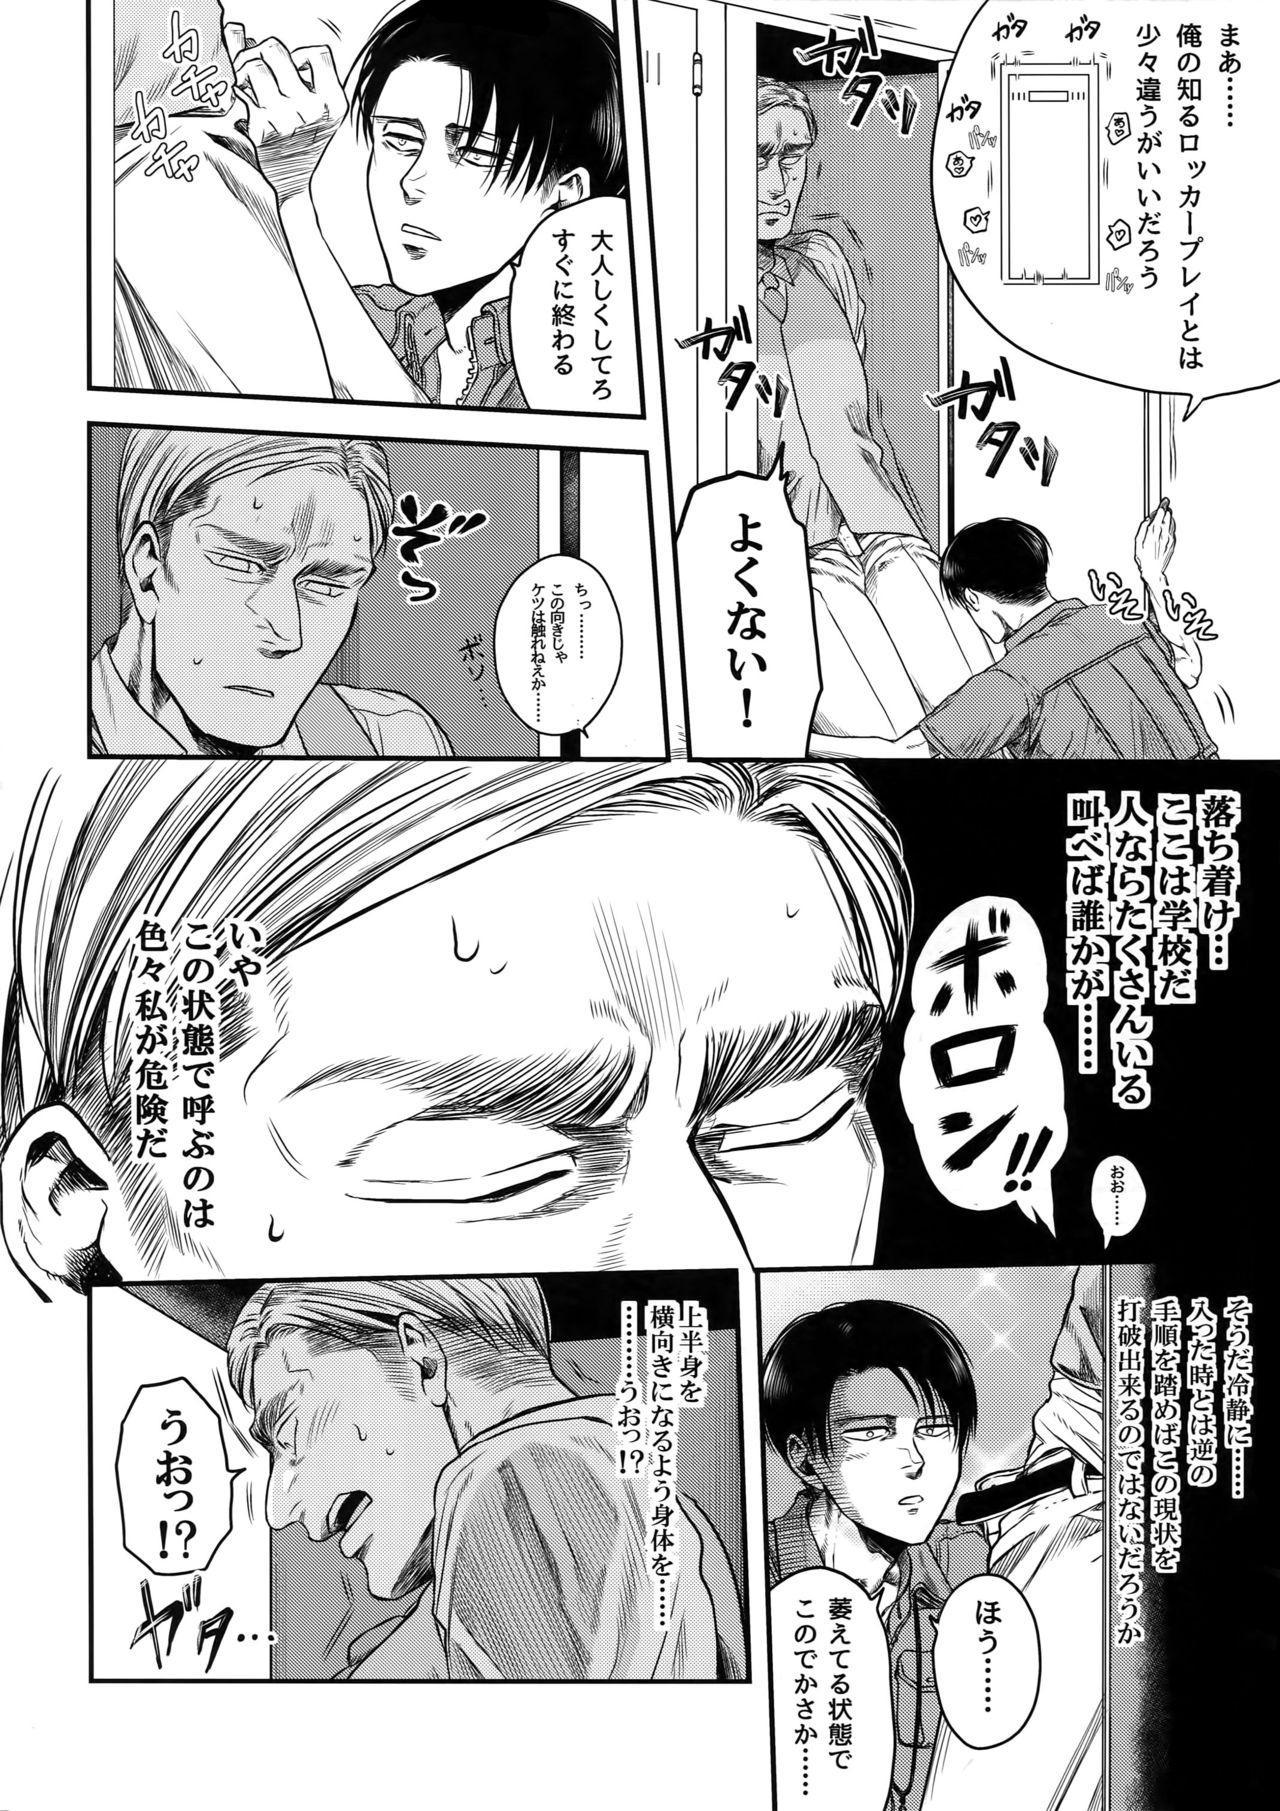 Rekishi Kyoushi to Seisouin 6